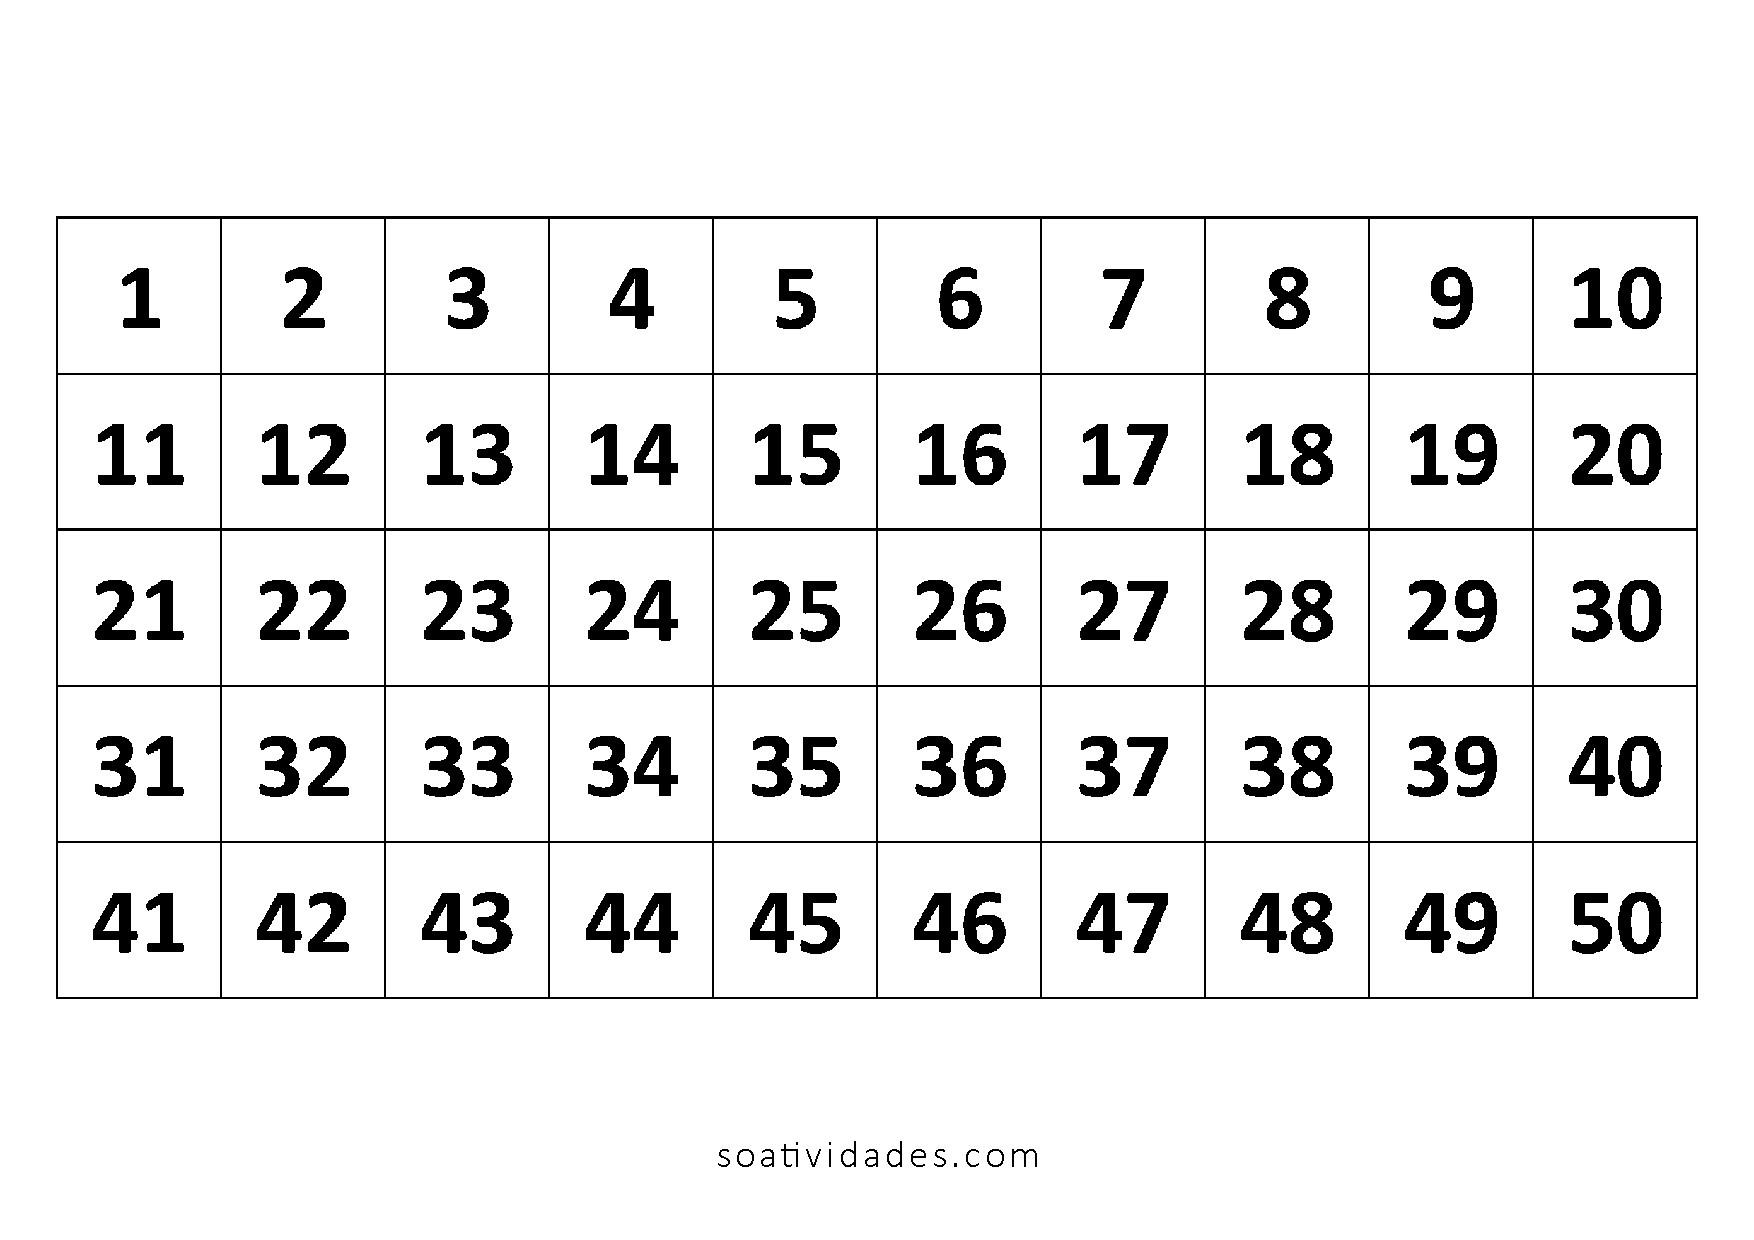 Numerais de 1 a 50